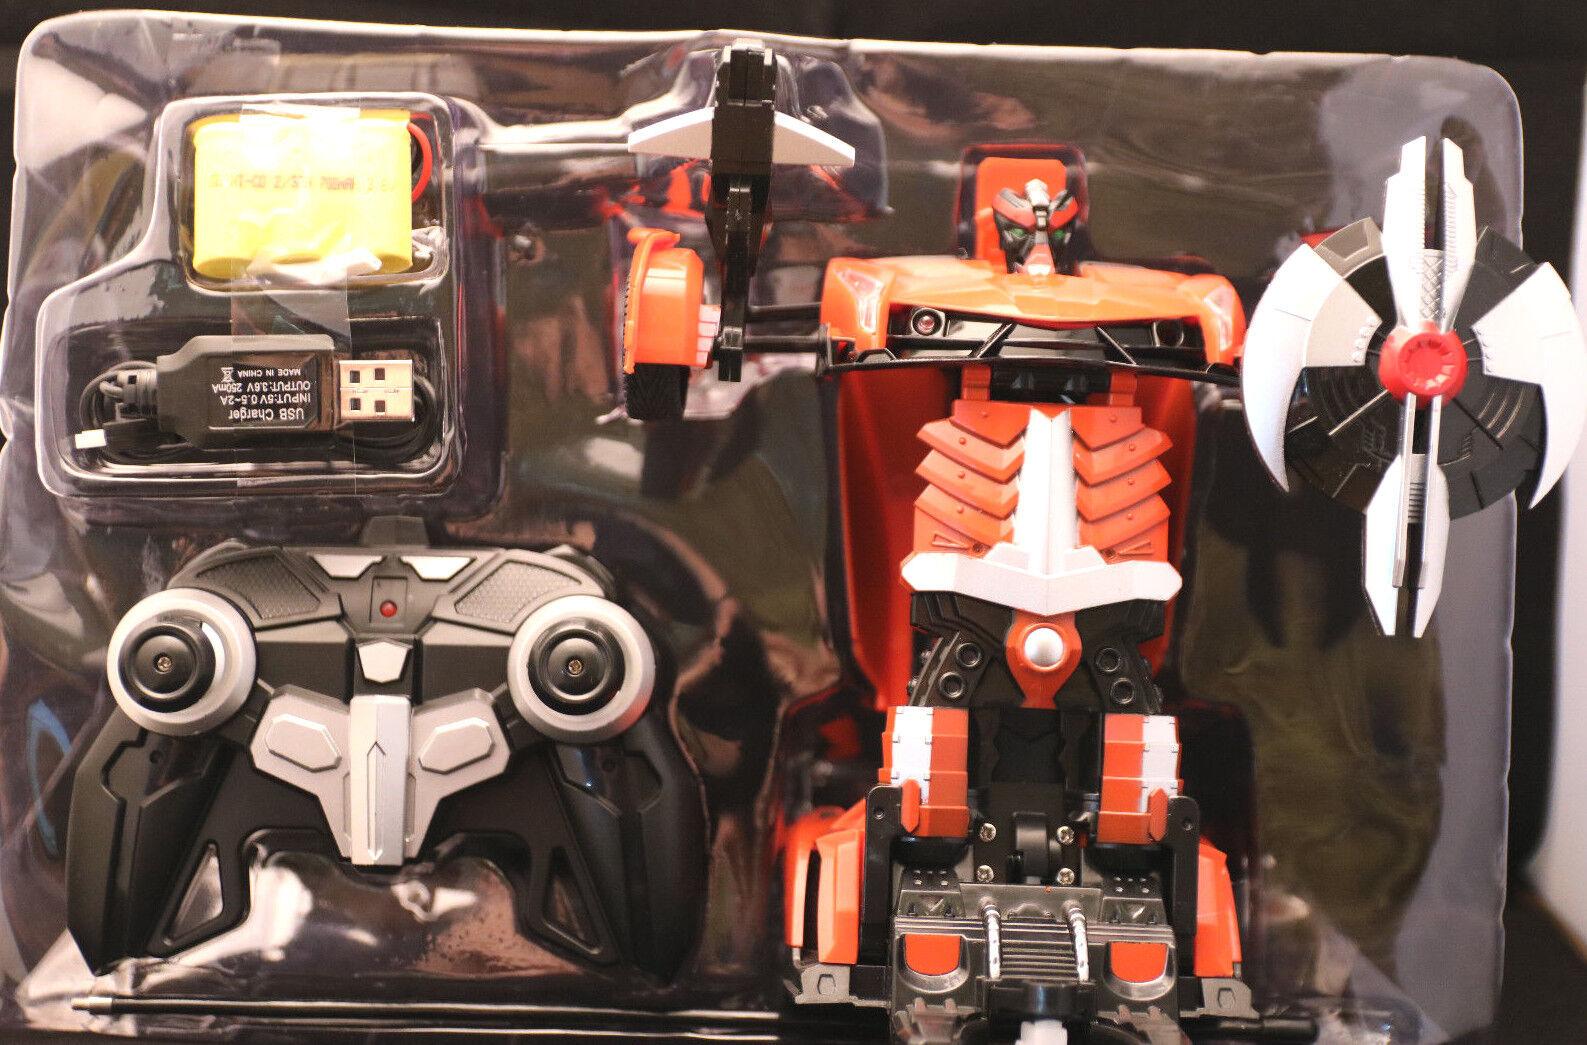 Ferngesteuert  Transformers   Farbe orange   8+   OVP   vom Roboter zum Auto